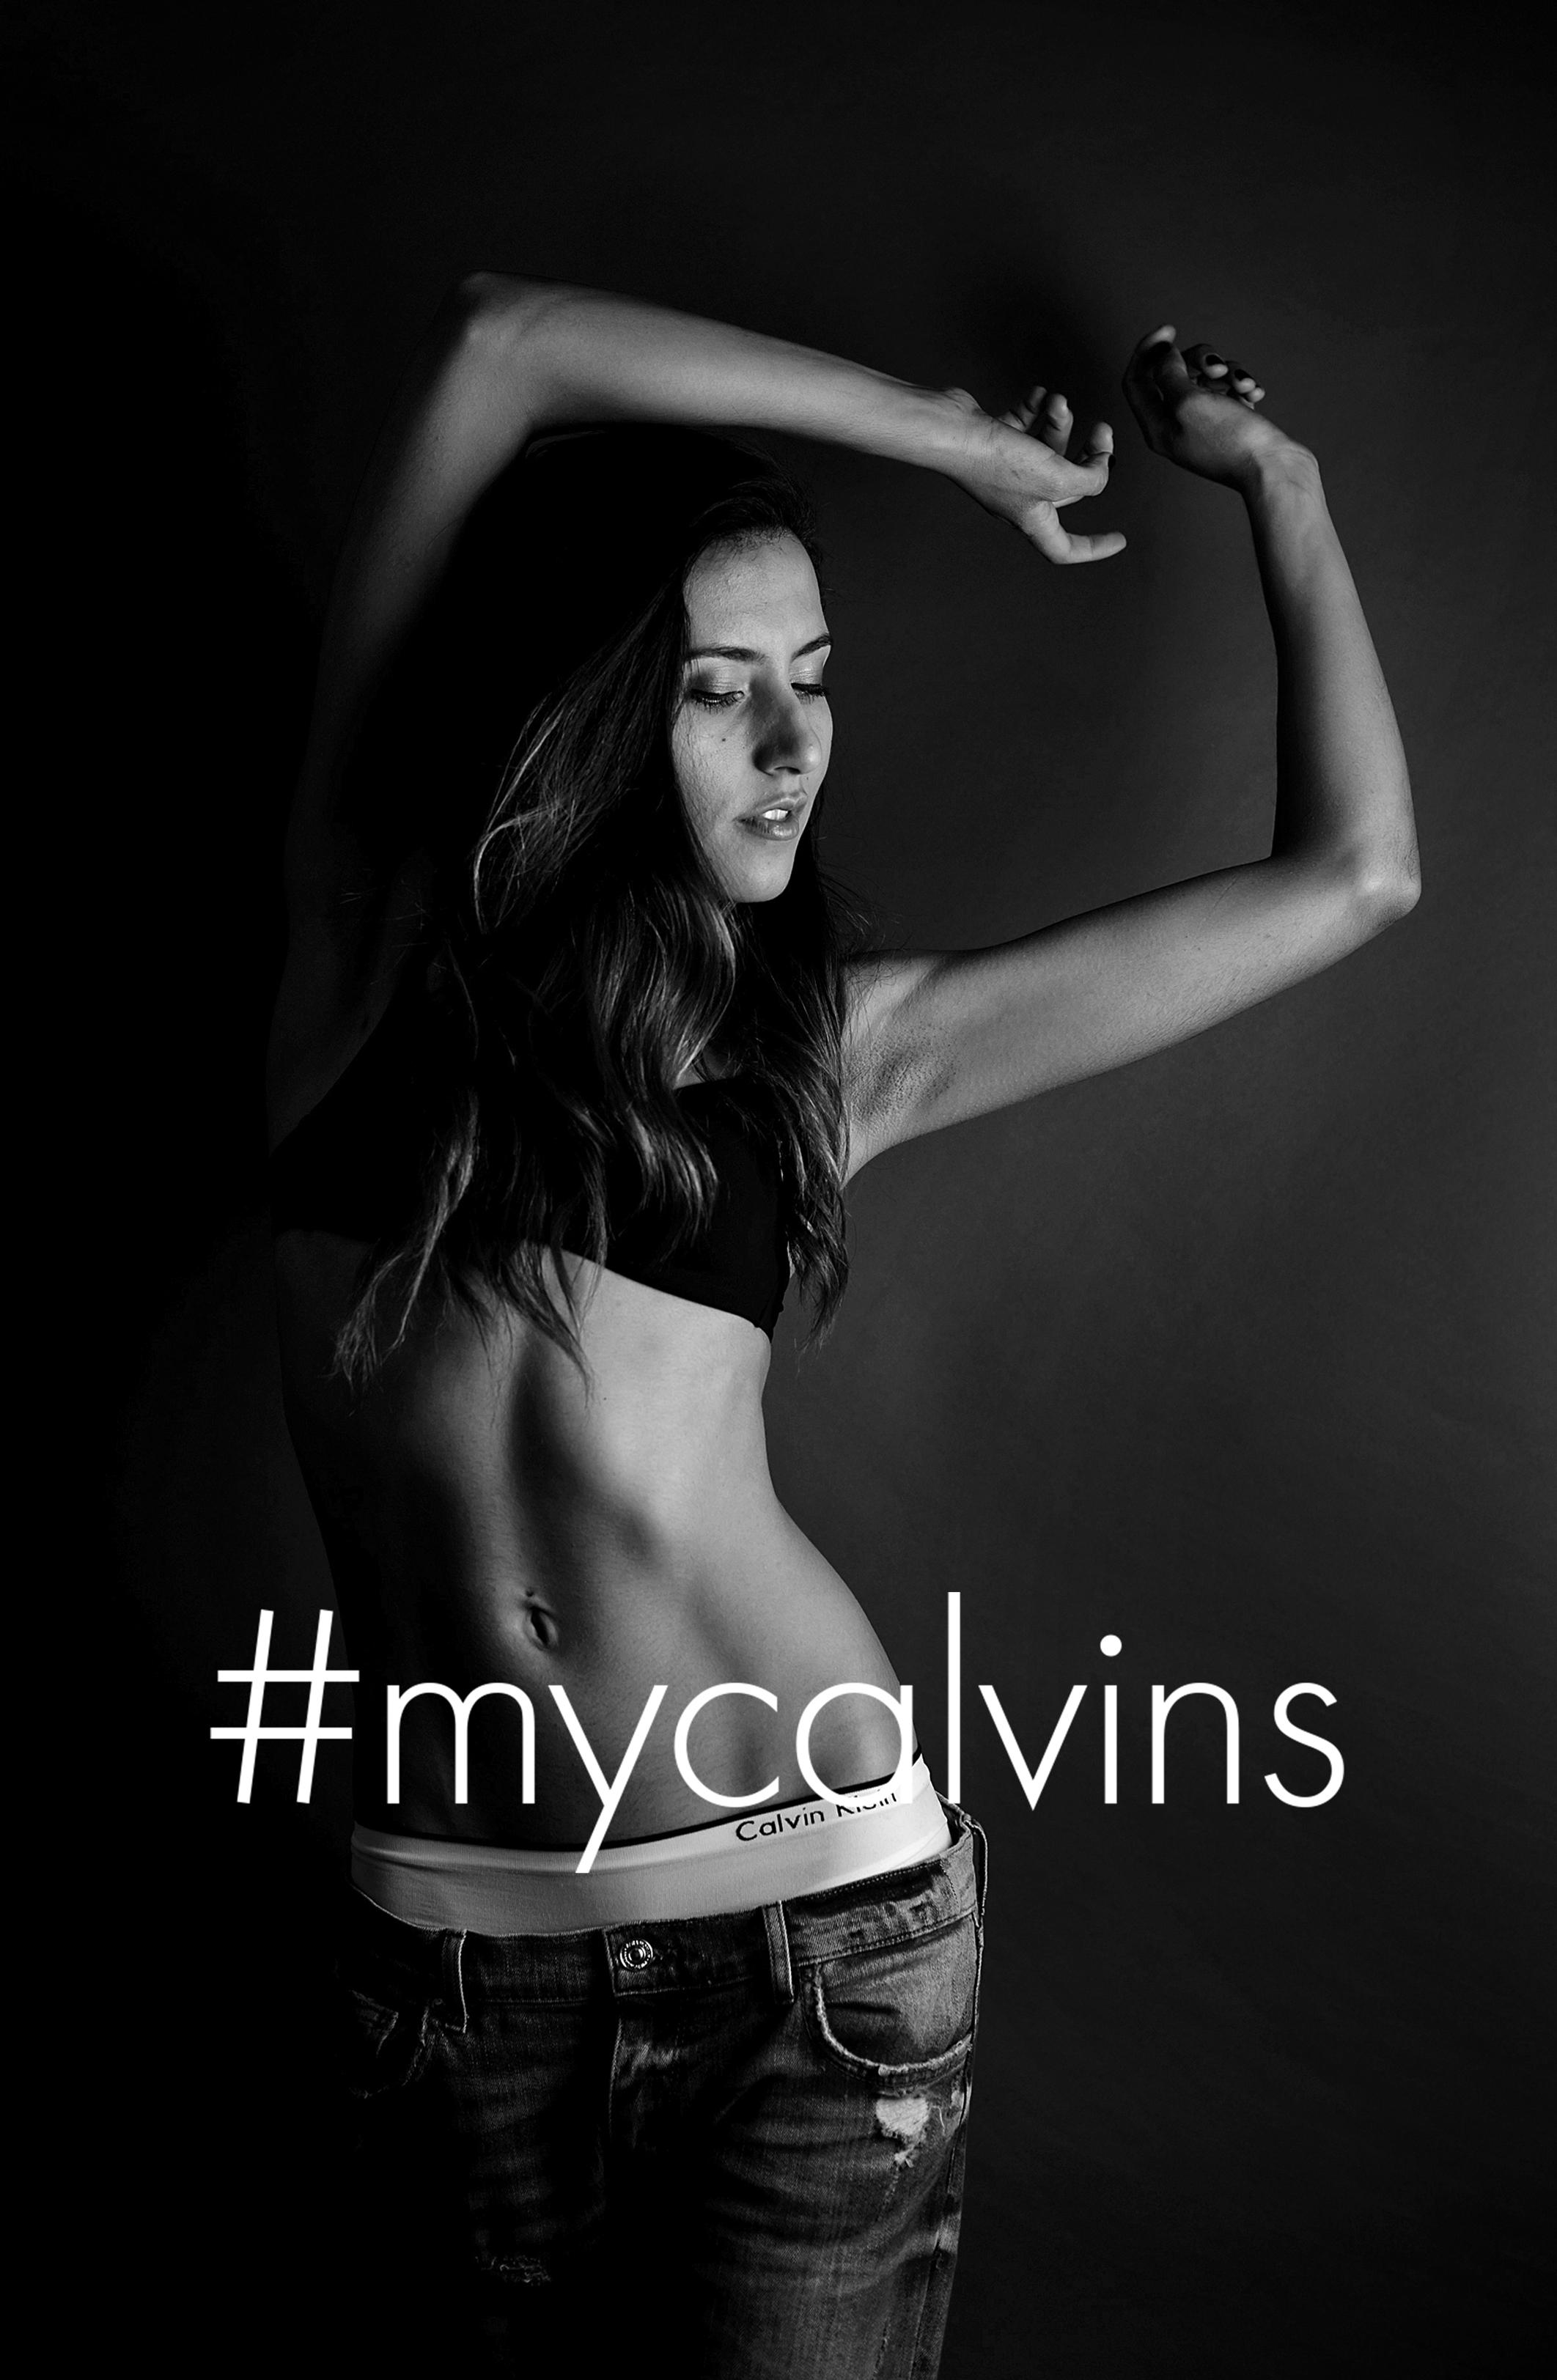 mycalvins_raquelpaiva.com